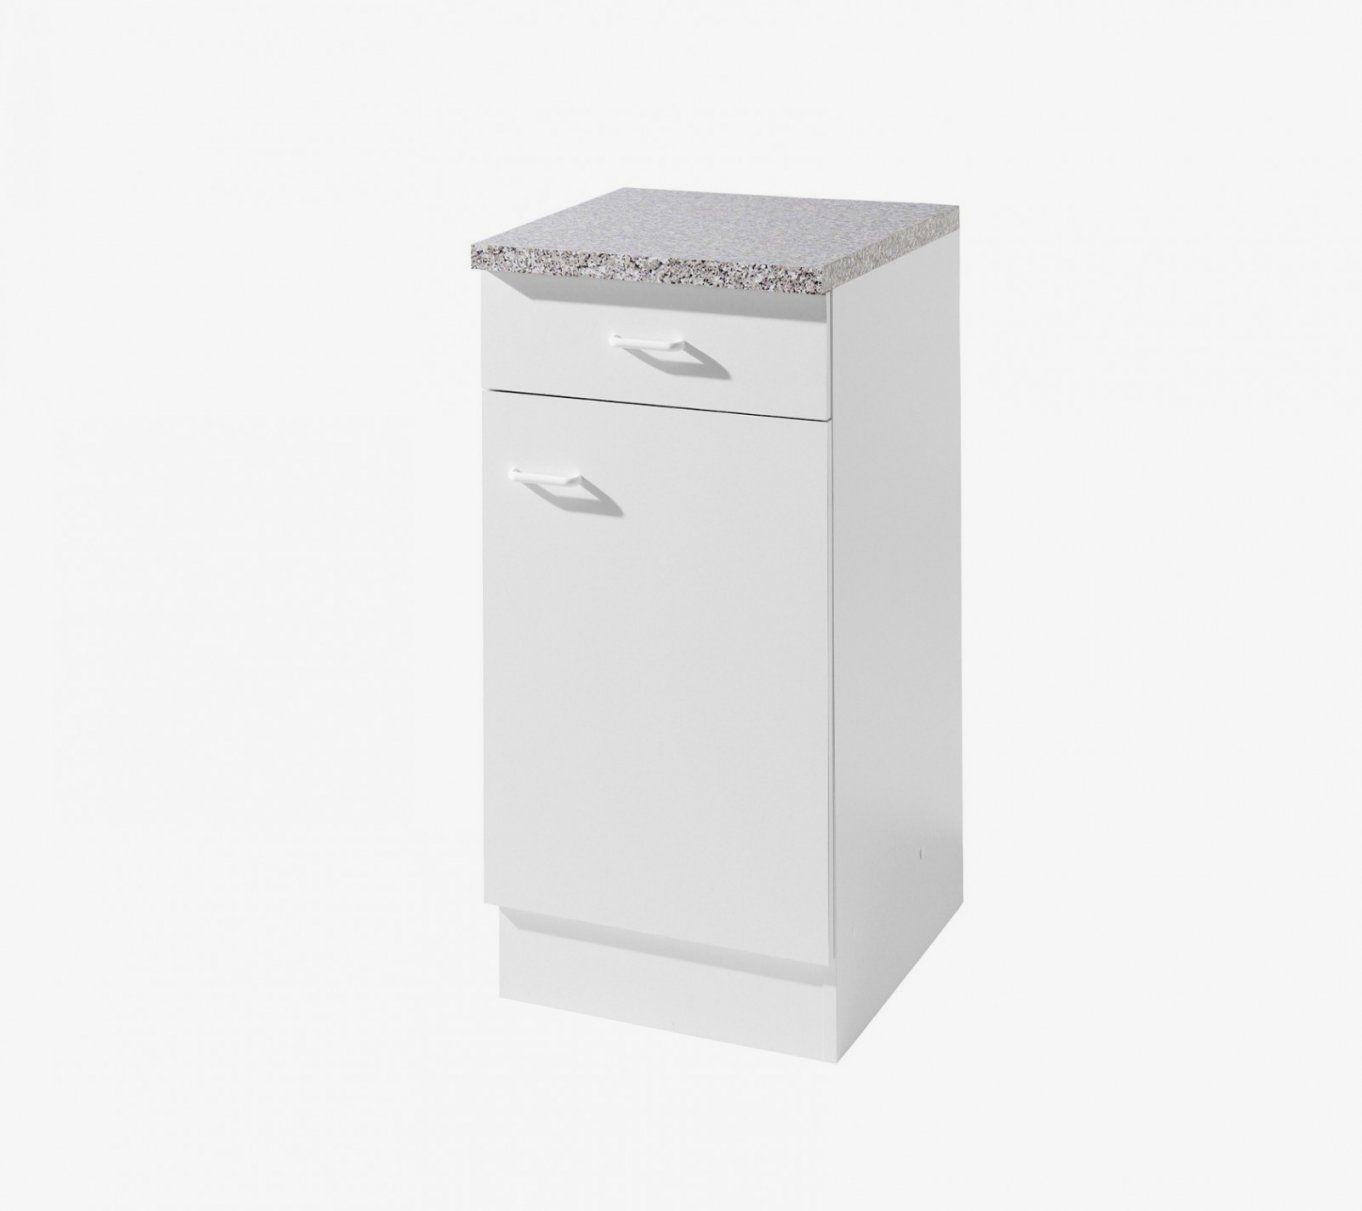 Neueste Küchenschrank 50 Cm Breit Für Küchen Unterschrank 40 Cm von Unterschrank Küche 50 Cm Breit Bild